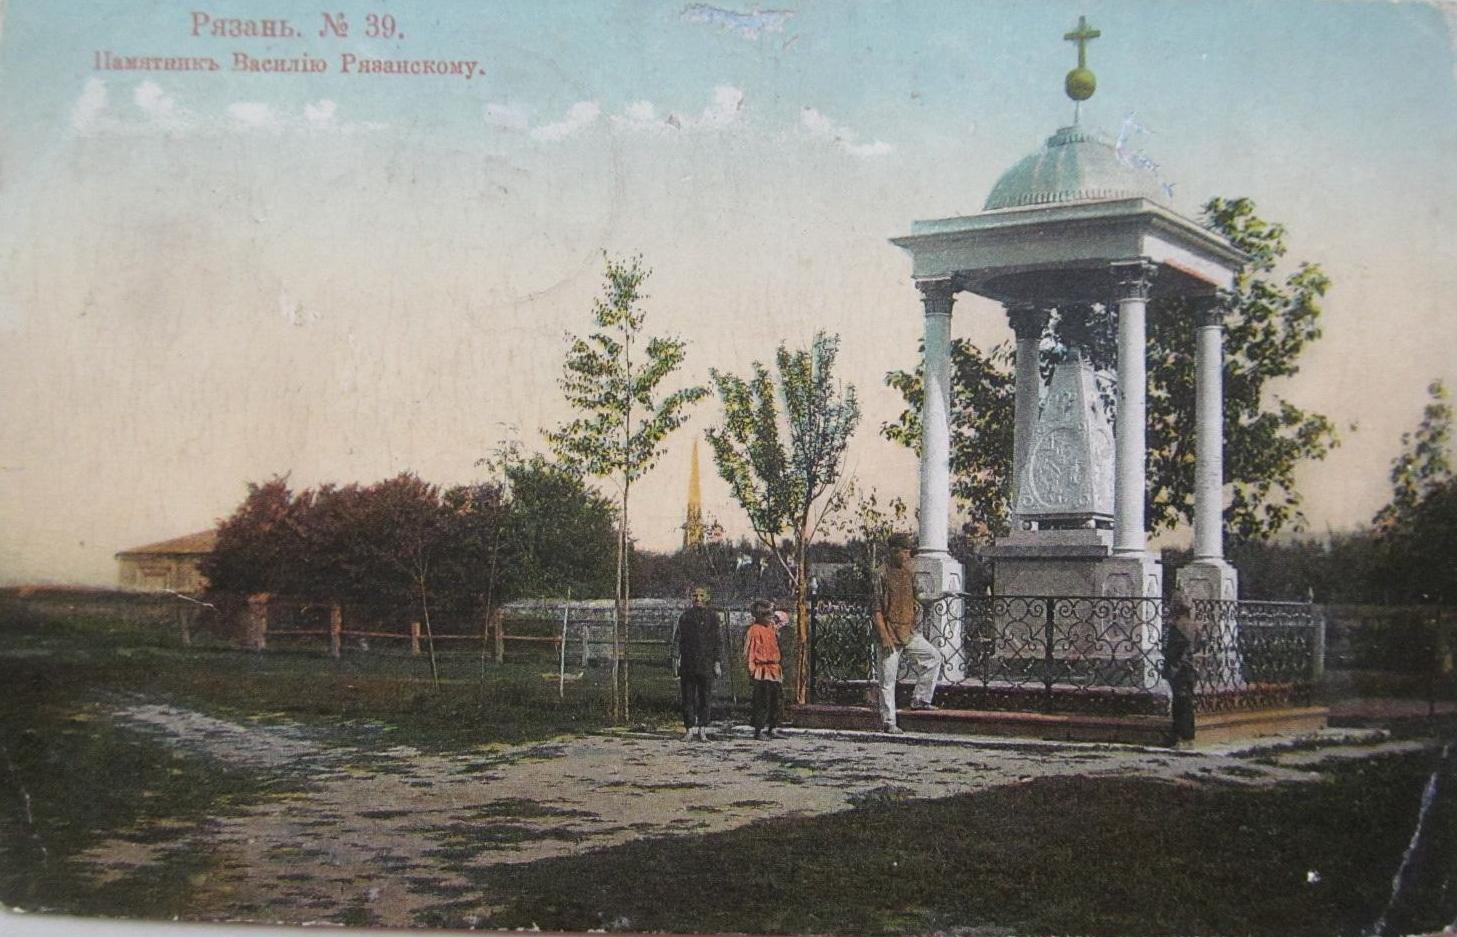 Памятник Василию Рязанскому